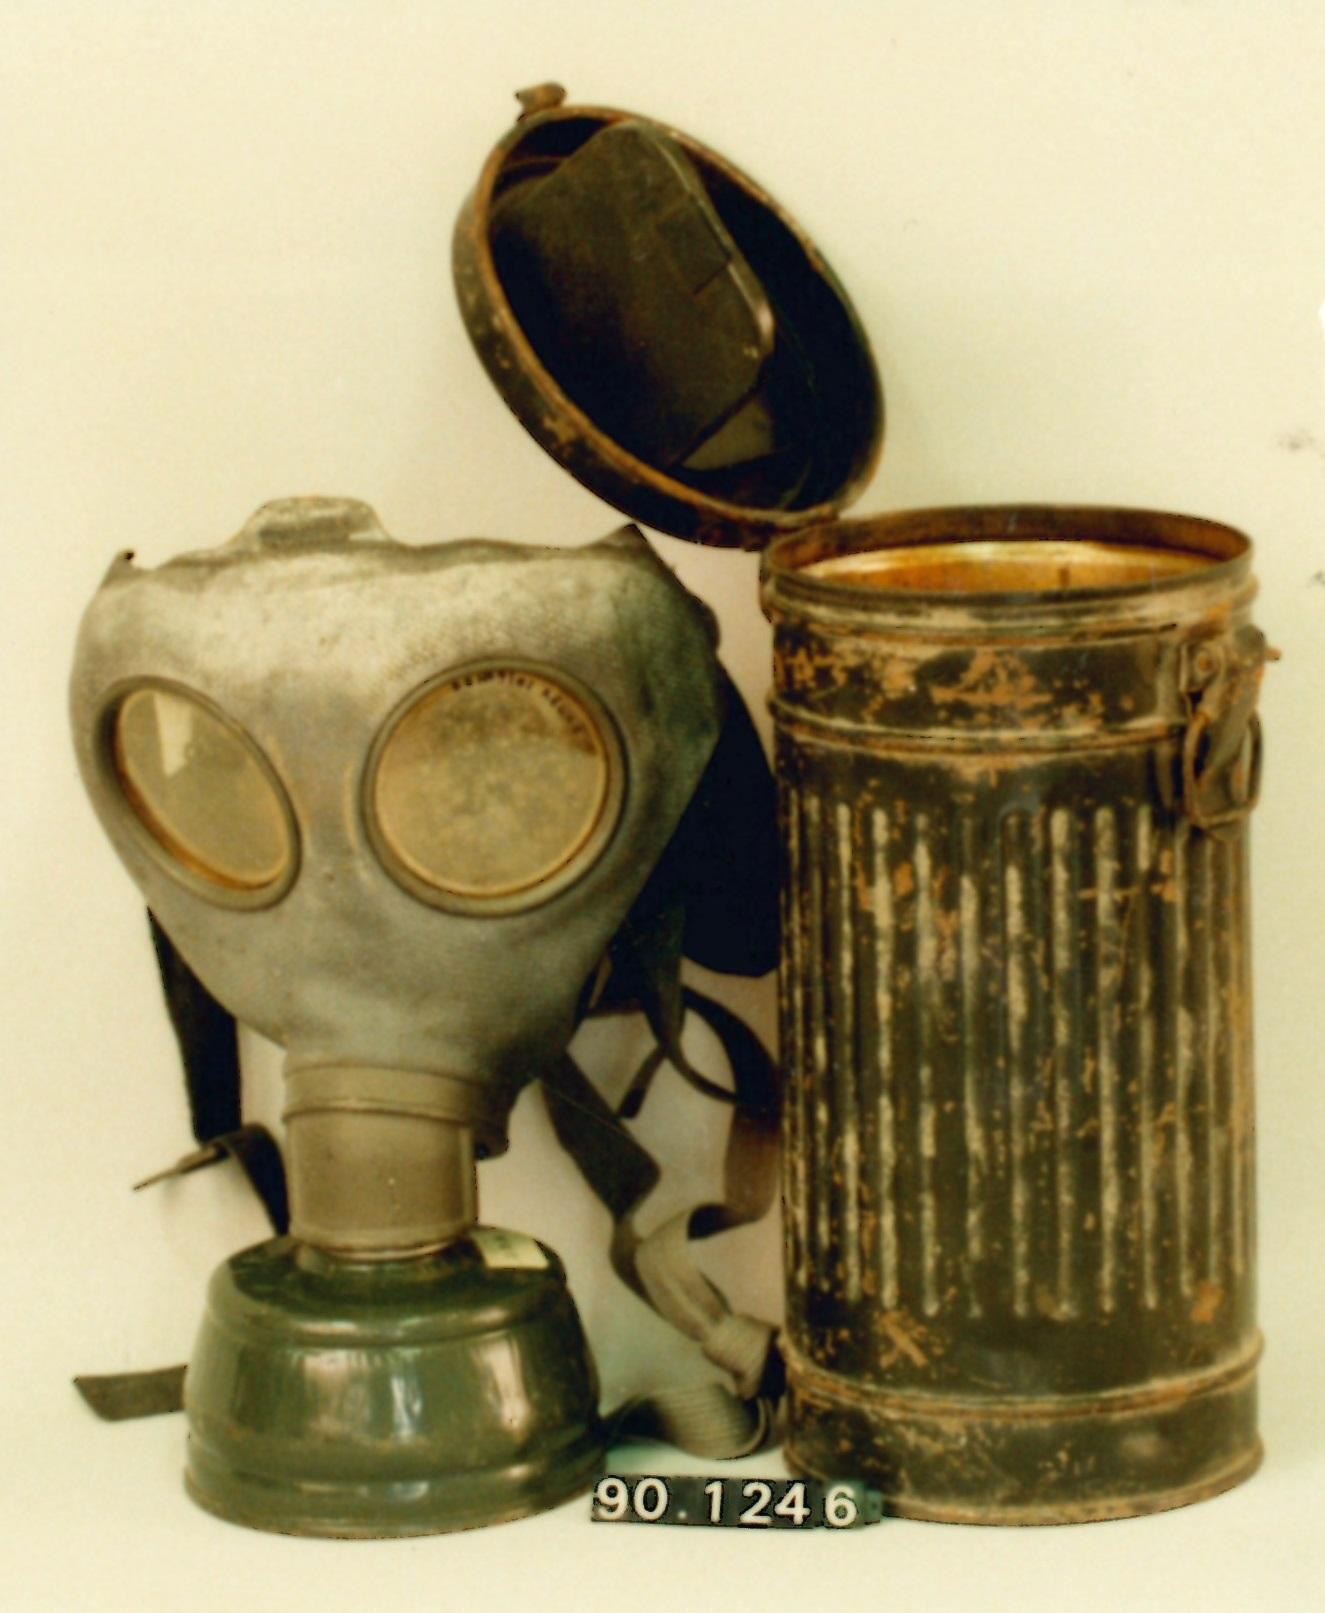 Máscara antigás modelo M38